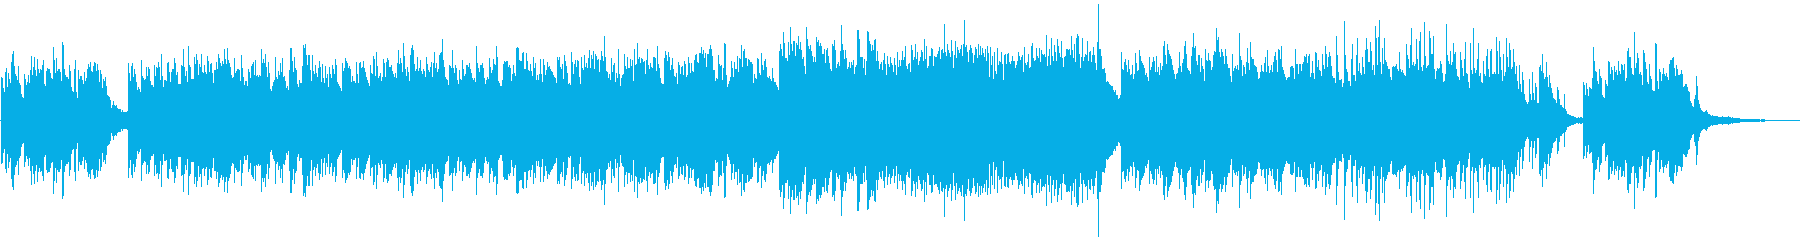 ひらひらと舞うような切ないピアノ曲の再生済みの波形